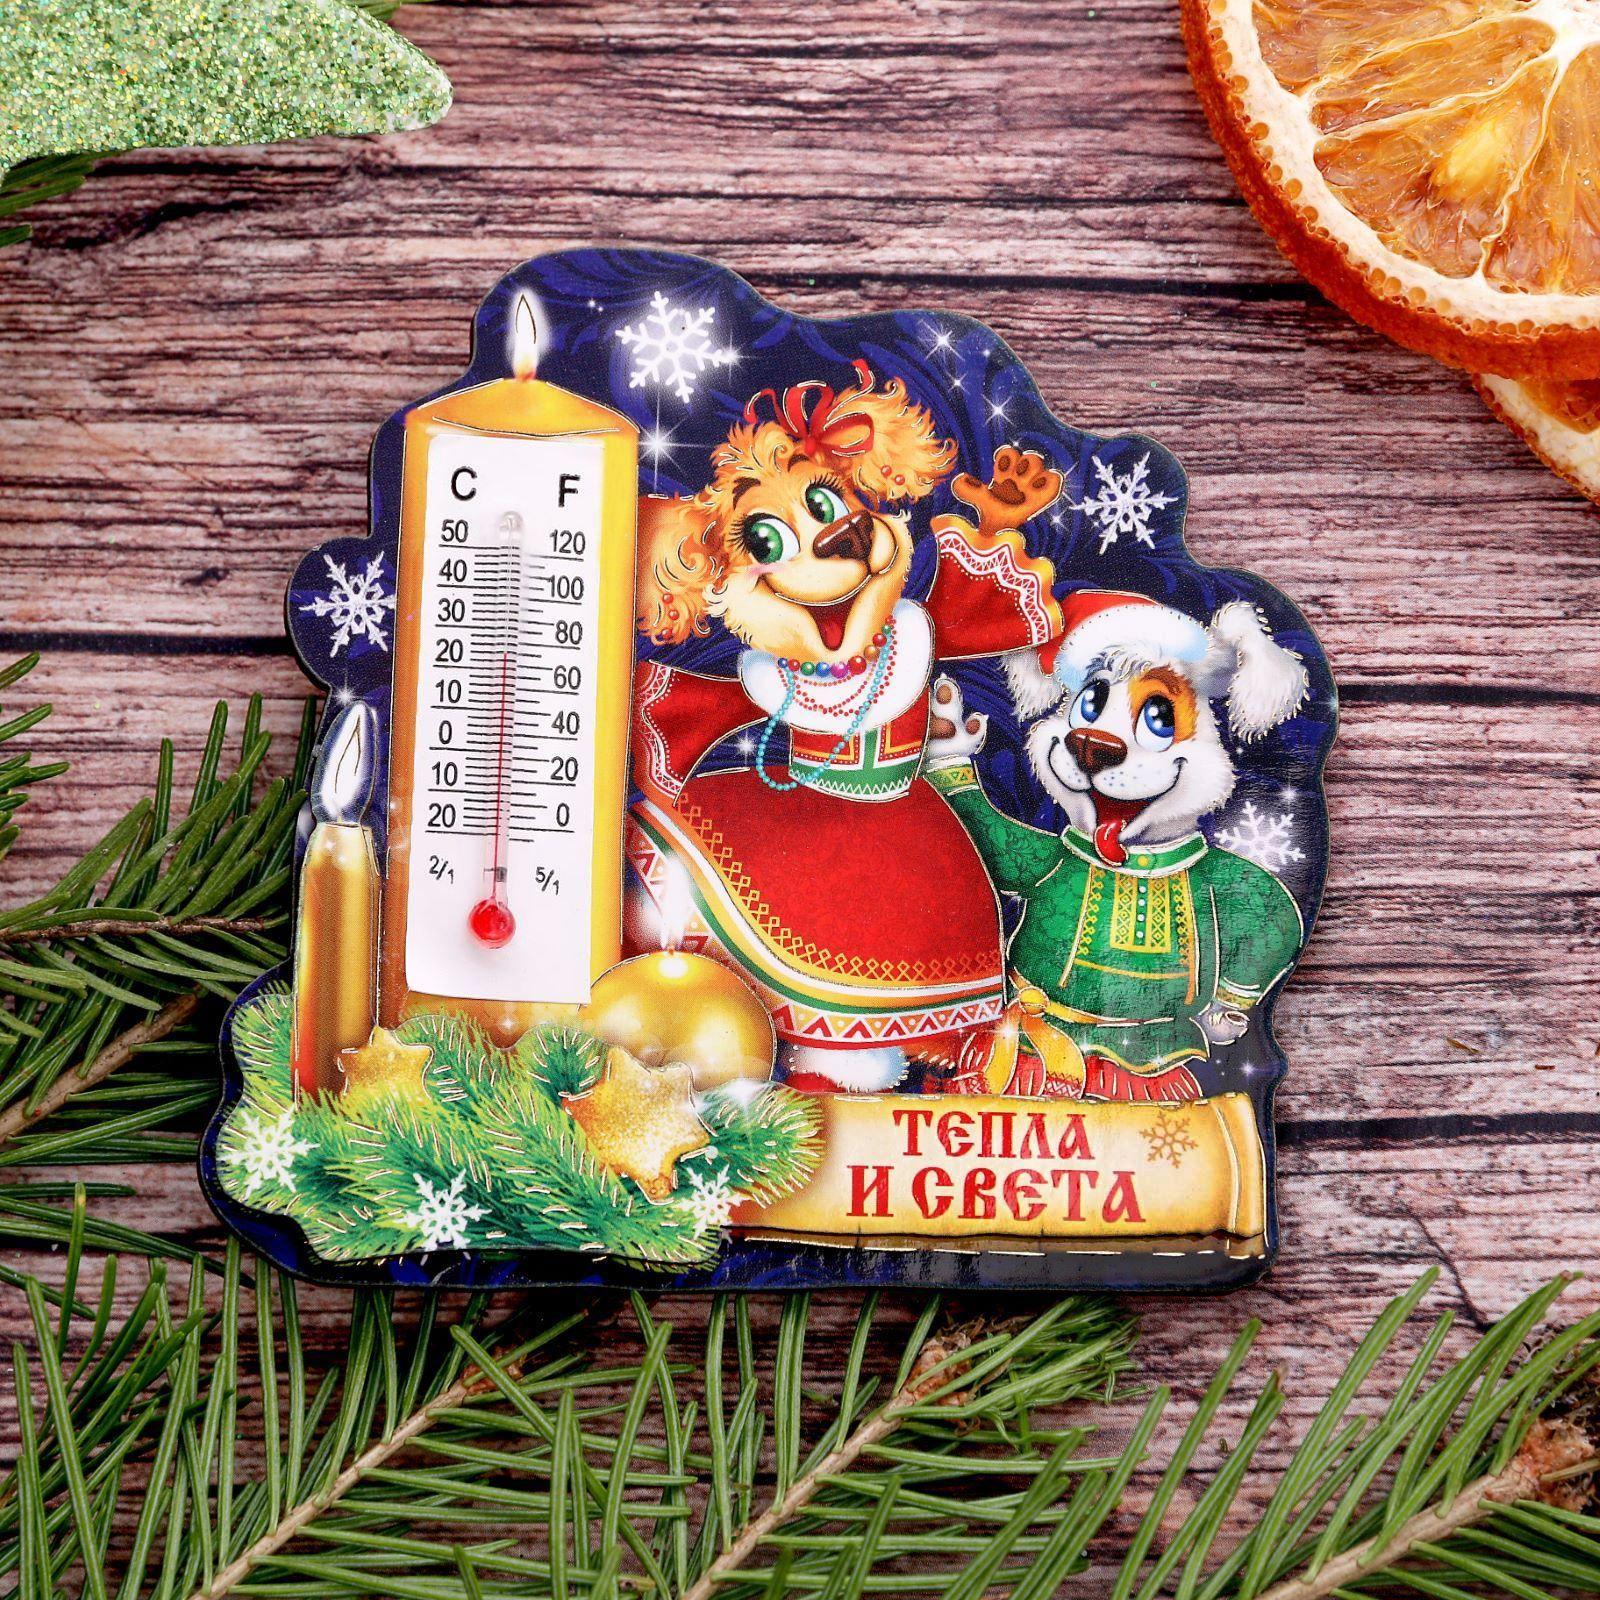 Магнит Sima-land Тепла и света, с термометром, 8,8 х 8,3 см1982804Порадуйте родных и близких оригинальным сувениром: преподнесите в подарок магнит. С ним даже самый серьёзный человек почувствует себя ребёнком, ожидающим чудо! Создайте праздничное настроение, и оно останется с вами на весь год.